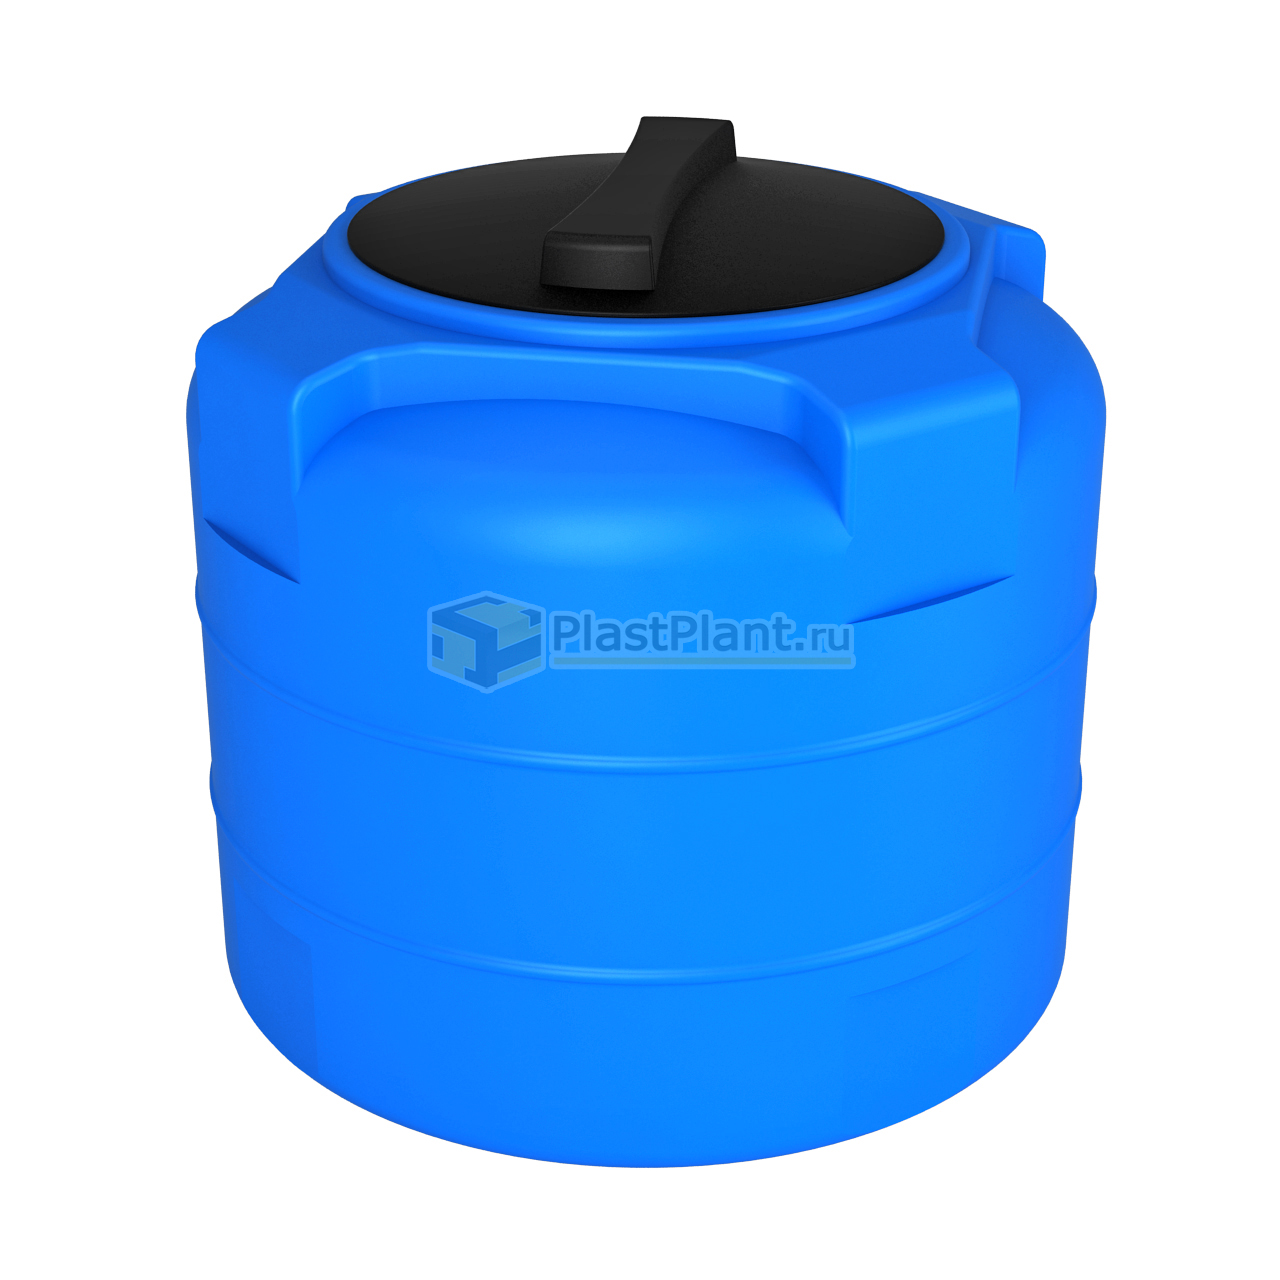 Емкость Т 100 литров (T 100) в компании ПластПлэнт